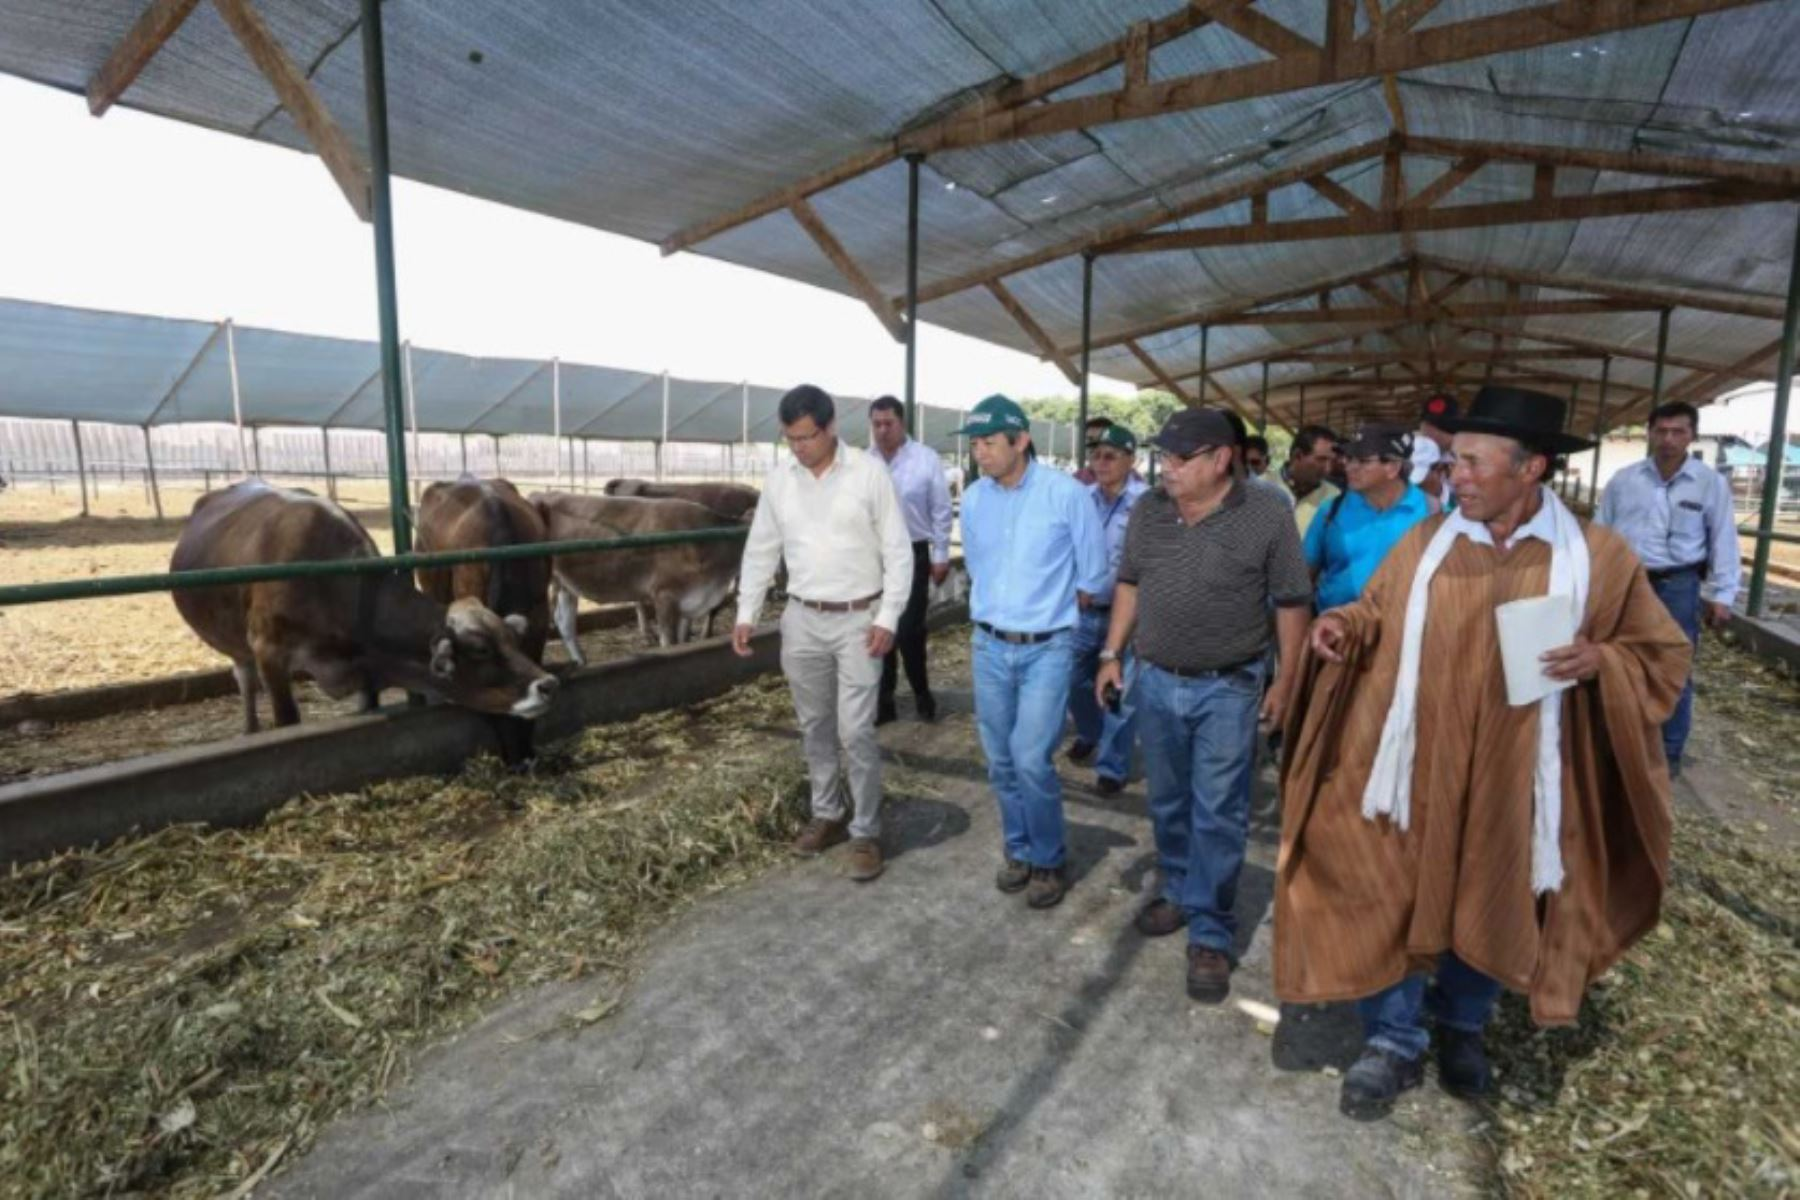 Para potenciar la ganadería lechera y la producción de carne, el ministro de Agricultura y Riego, José Arista, entregó hoy en Huaral pajillas de semen y embriones de ganado vacuno, genéticamente mejorados y de calidad, en favor de pequeños criadores de Ayacucho, Cajamarca, Puno, San Martín y Pasco.